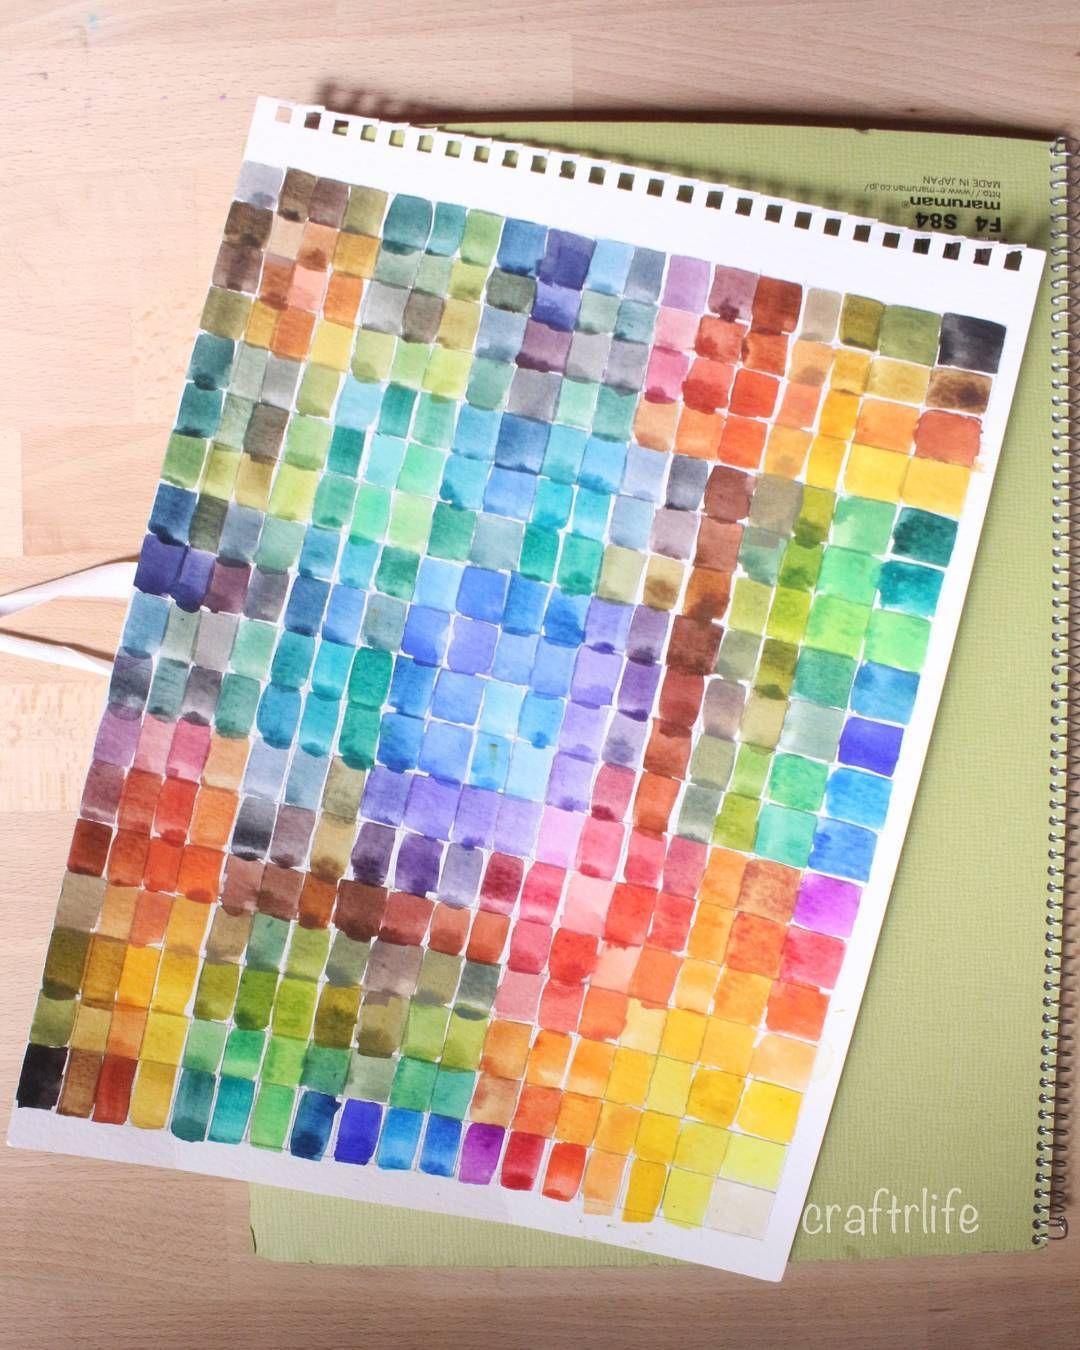 السلام عليكم هذا الاختراع الجميل يسمى جدول دمج الألوان فيه نتيجة خلط كلللللل الألوان مع كل لون من ألوان البالته جداااااا مفيد اصلا